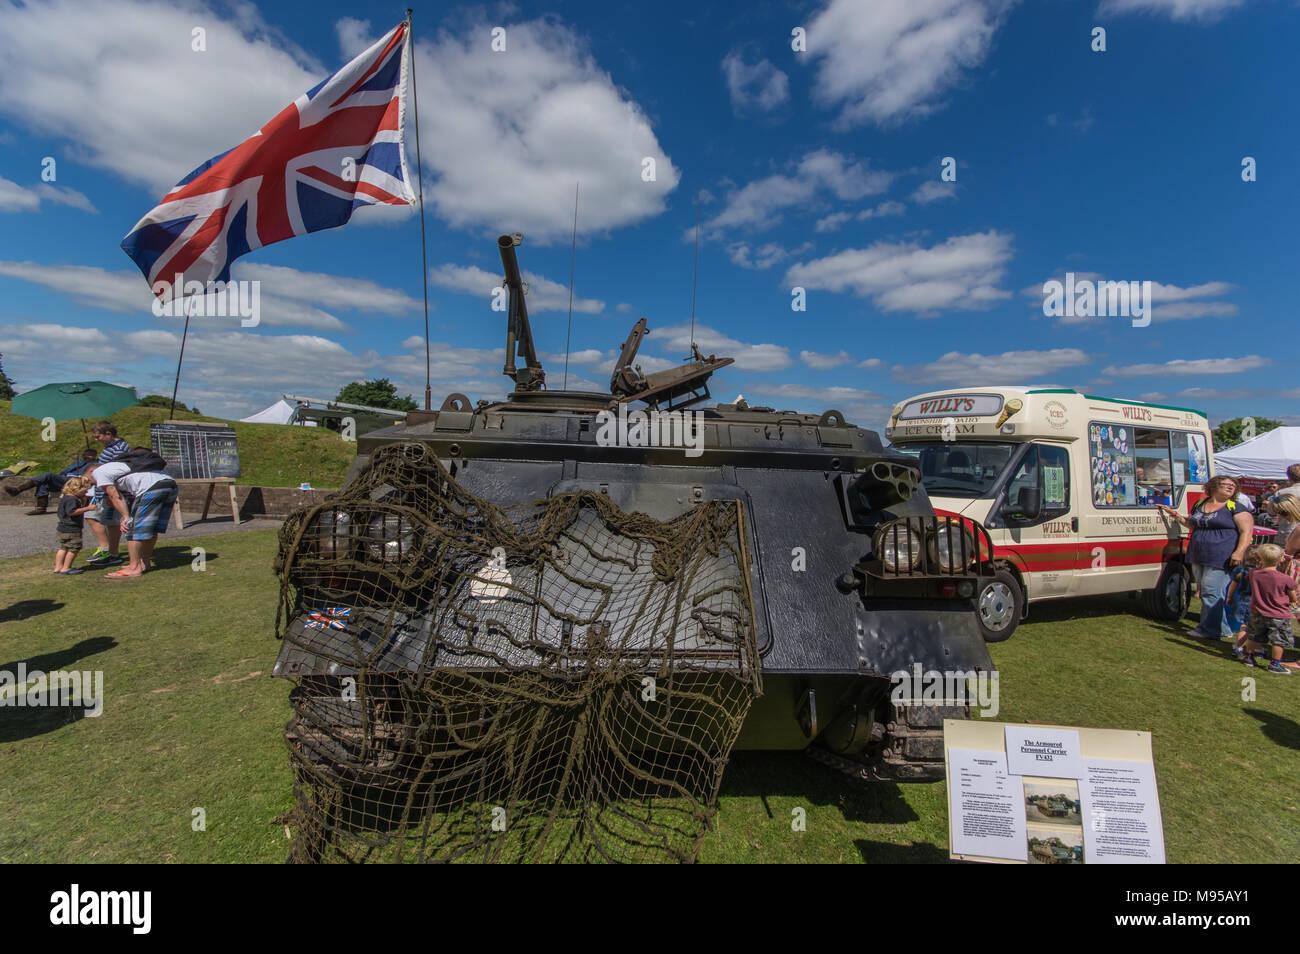 An APC at RAF Harrowbeer - Stock Image